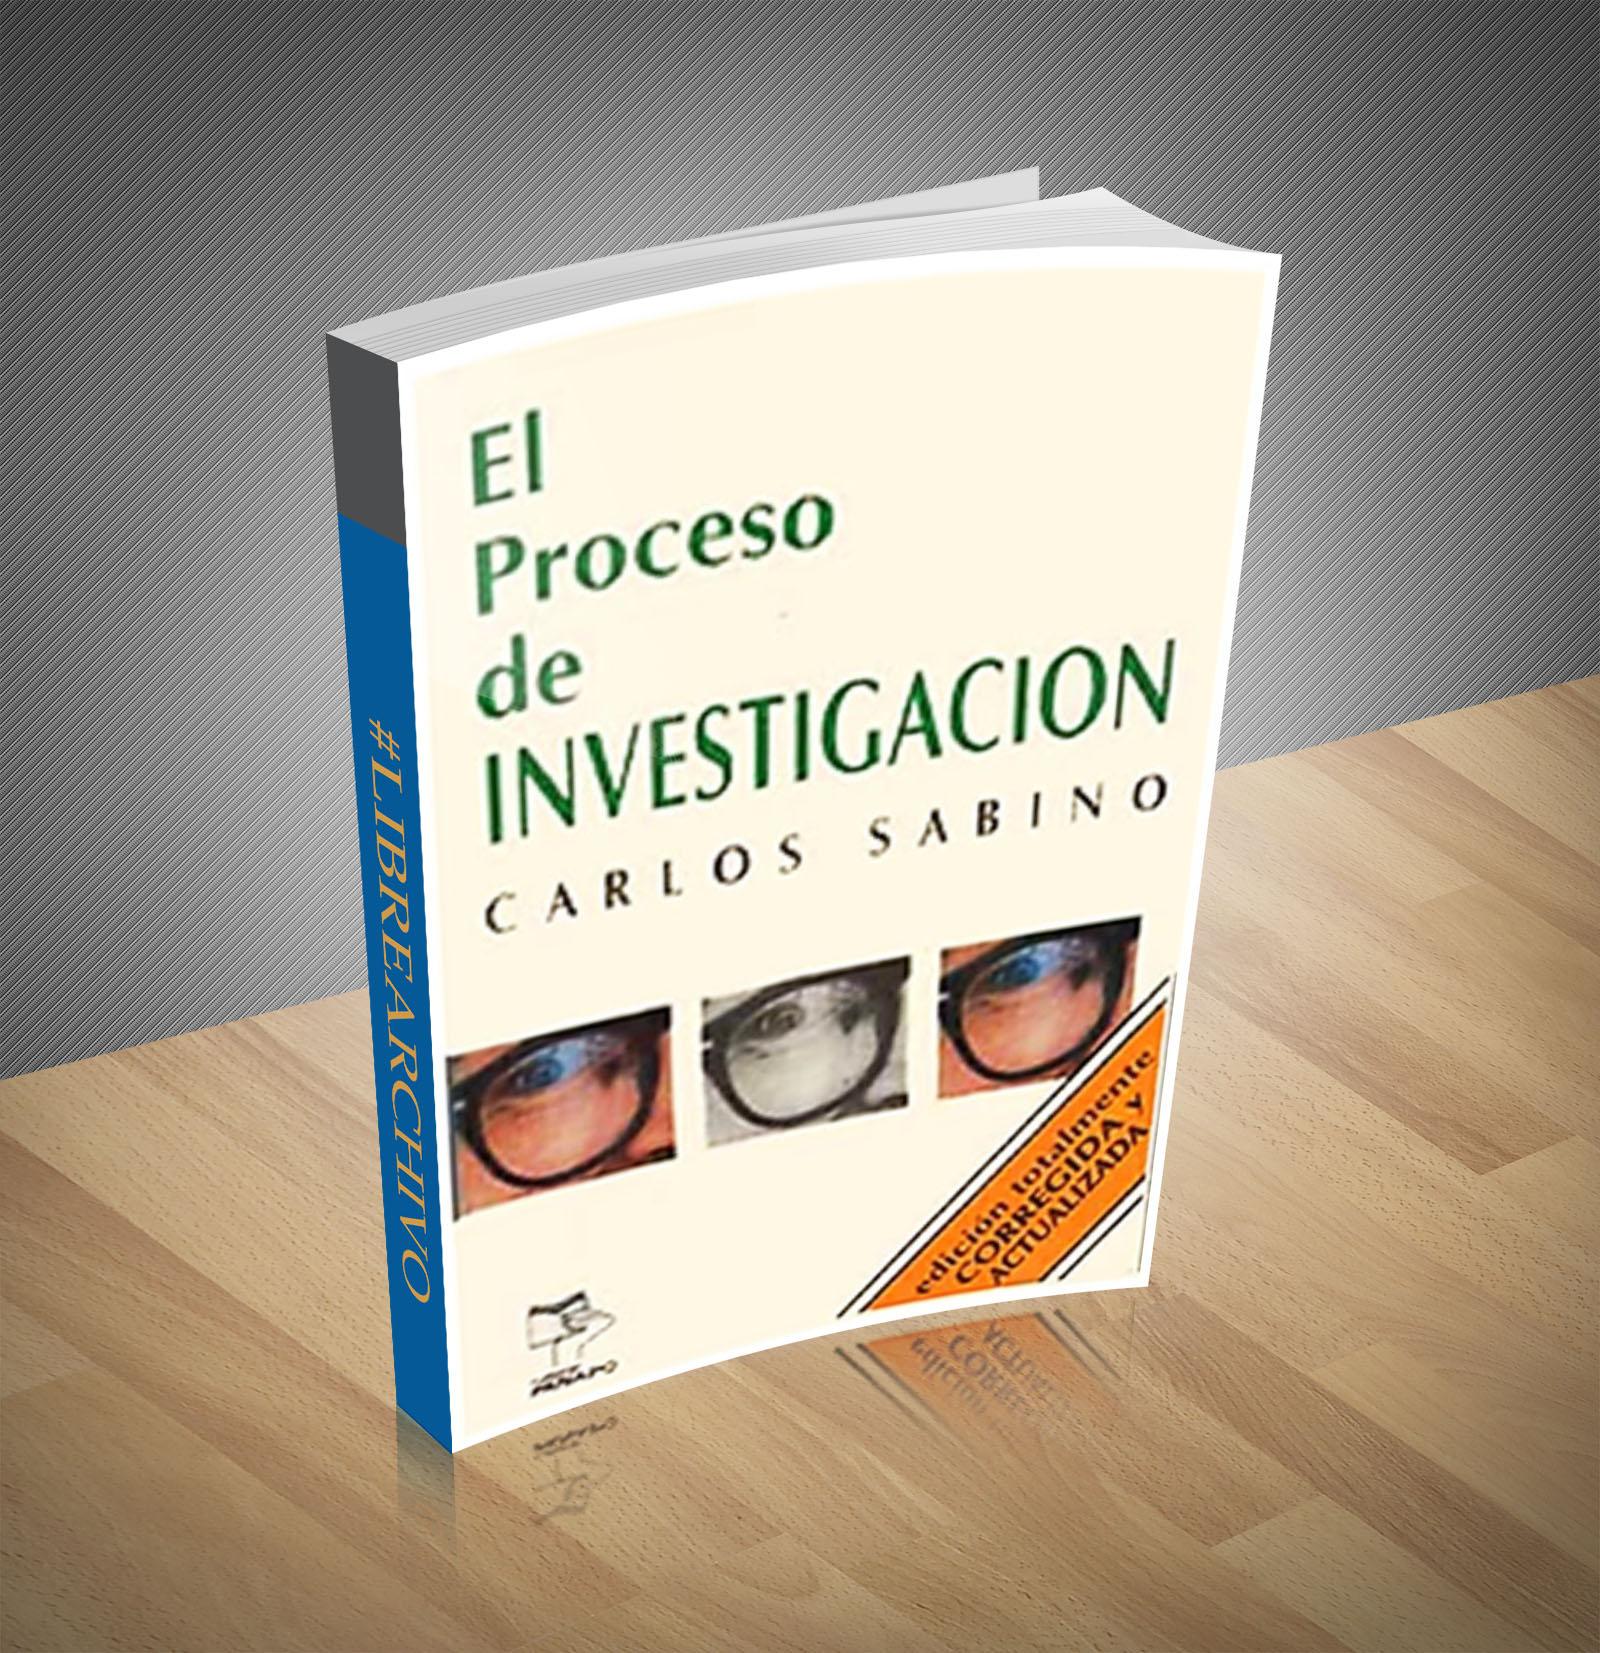 El proceso de investigacion - Carlos sabino - PDF - Ebook